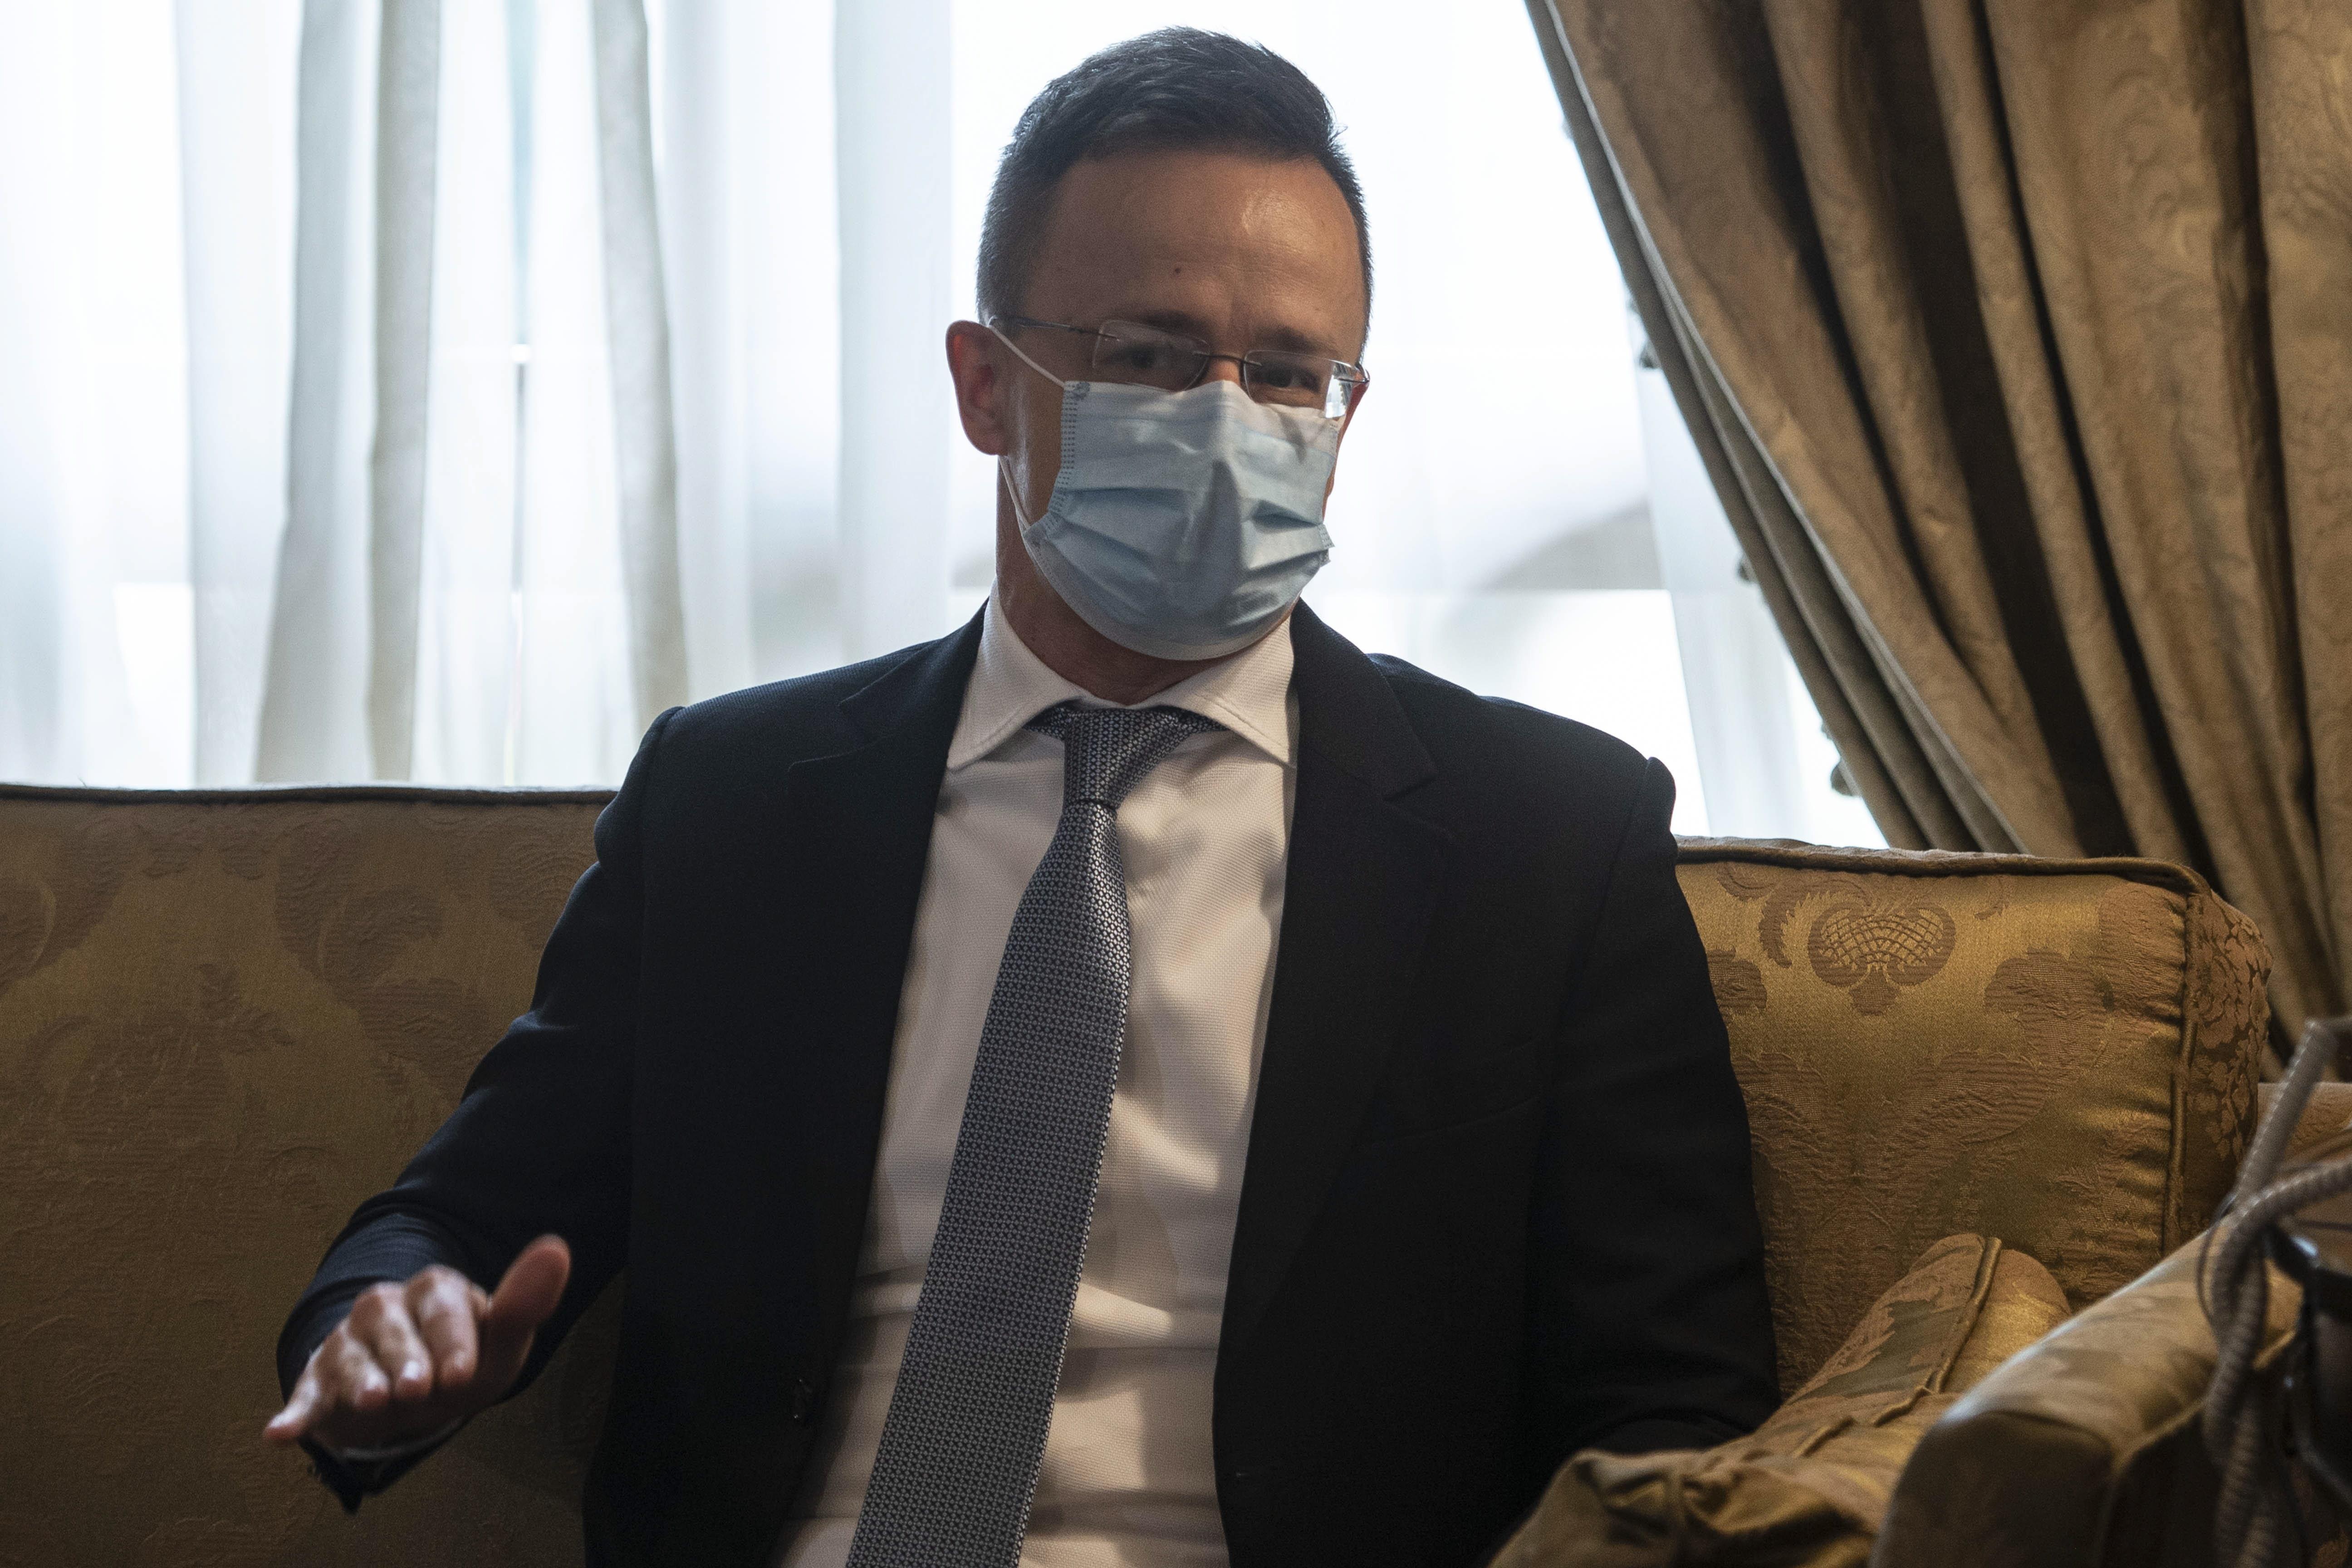 Szijjártó: A kormányülésen nem volt szó arról, hogy a mostani szigorítás FFP2-es maszkokat tenne kötelezővé